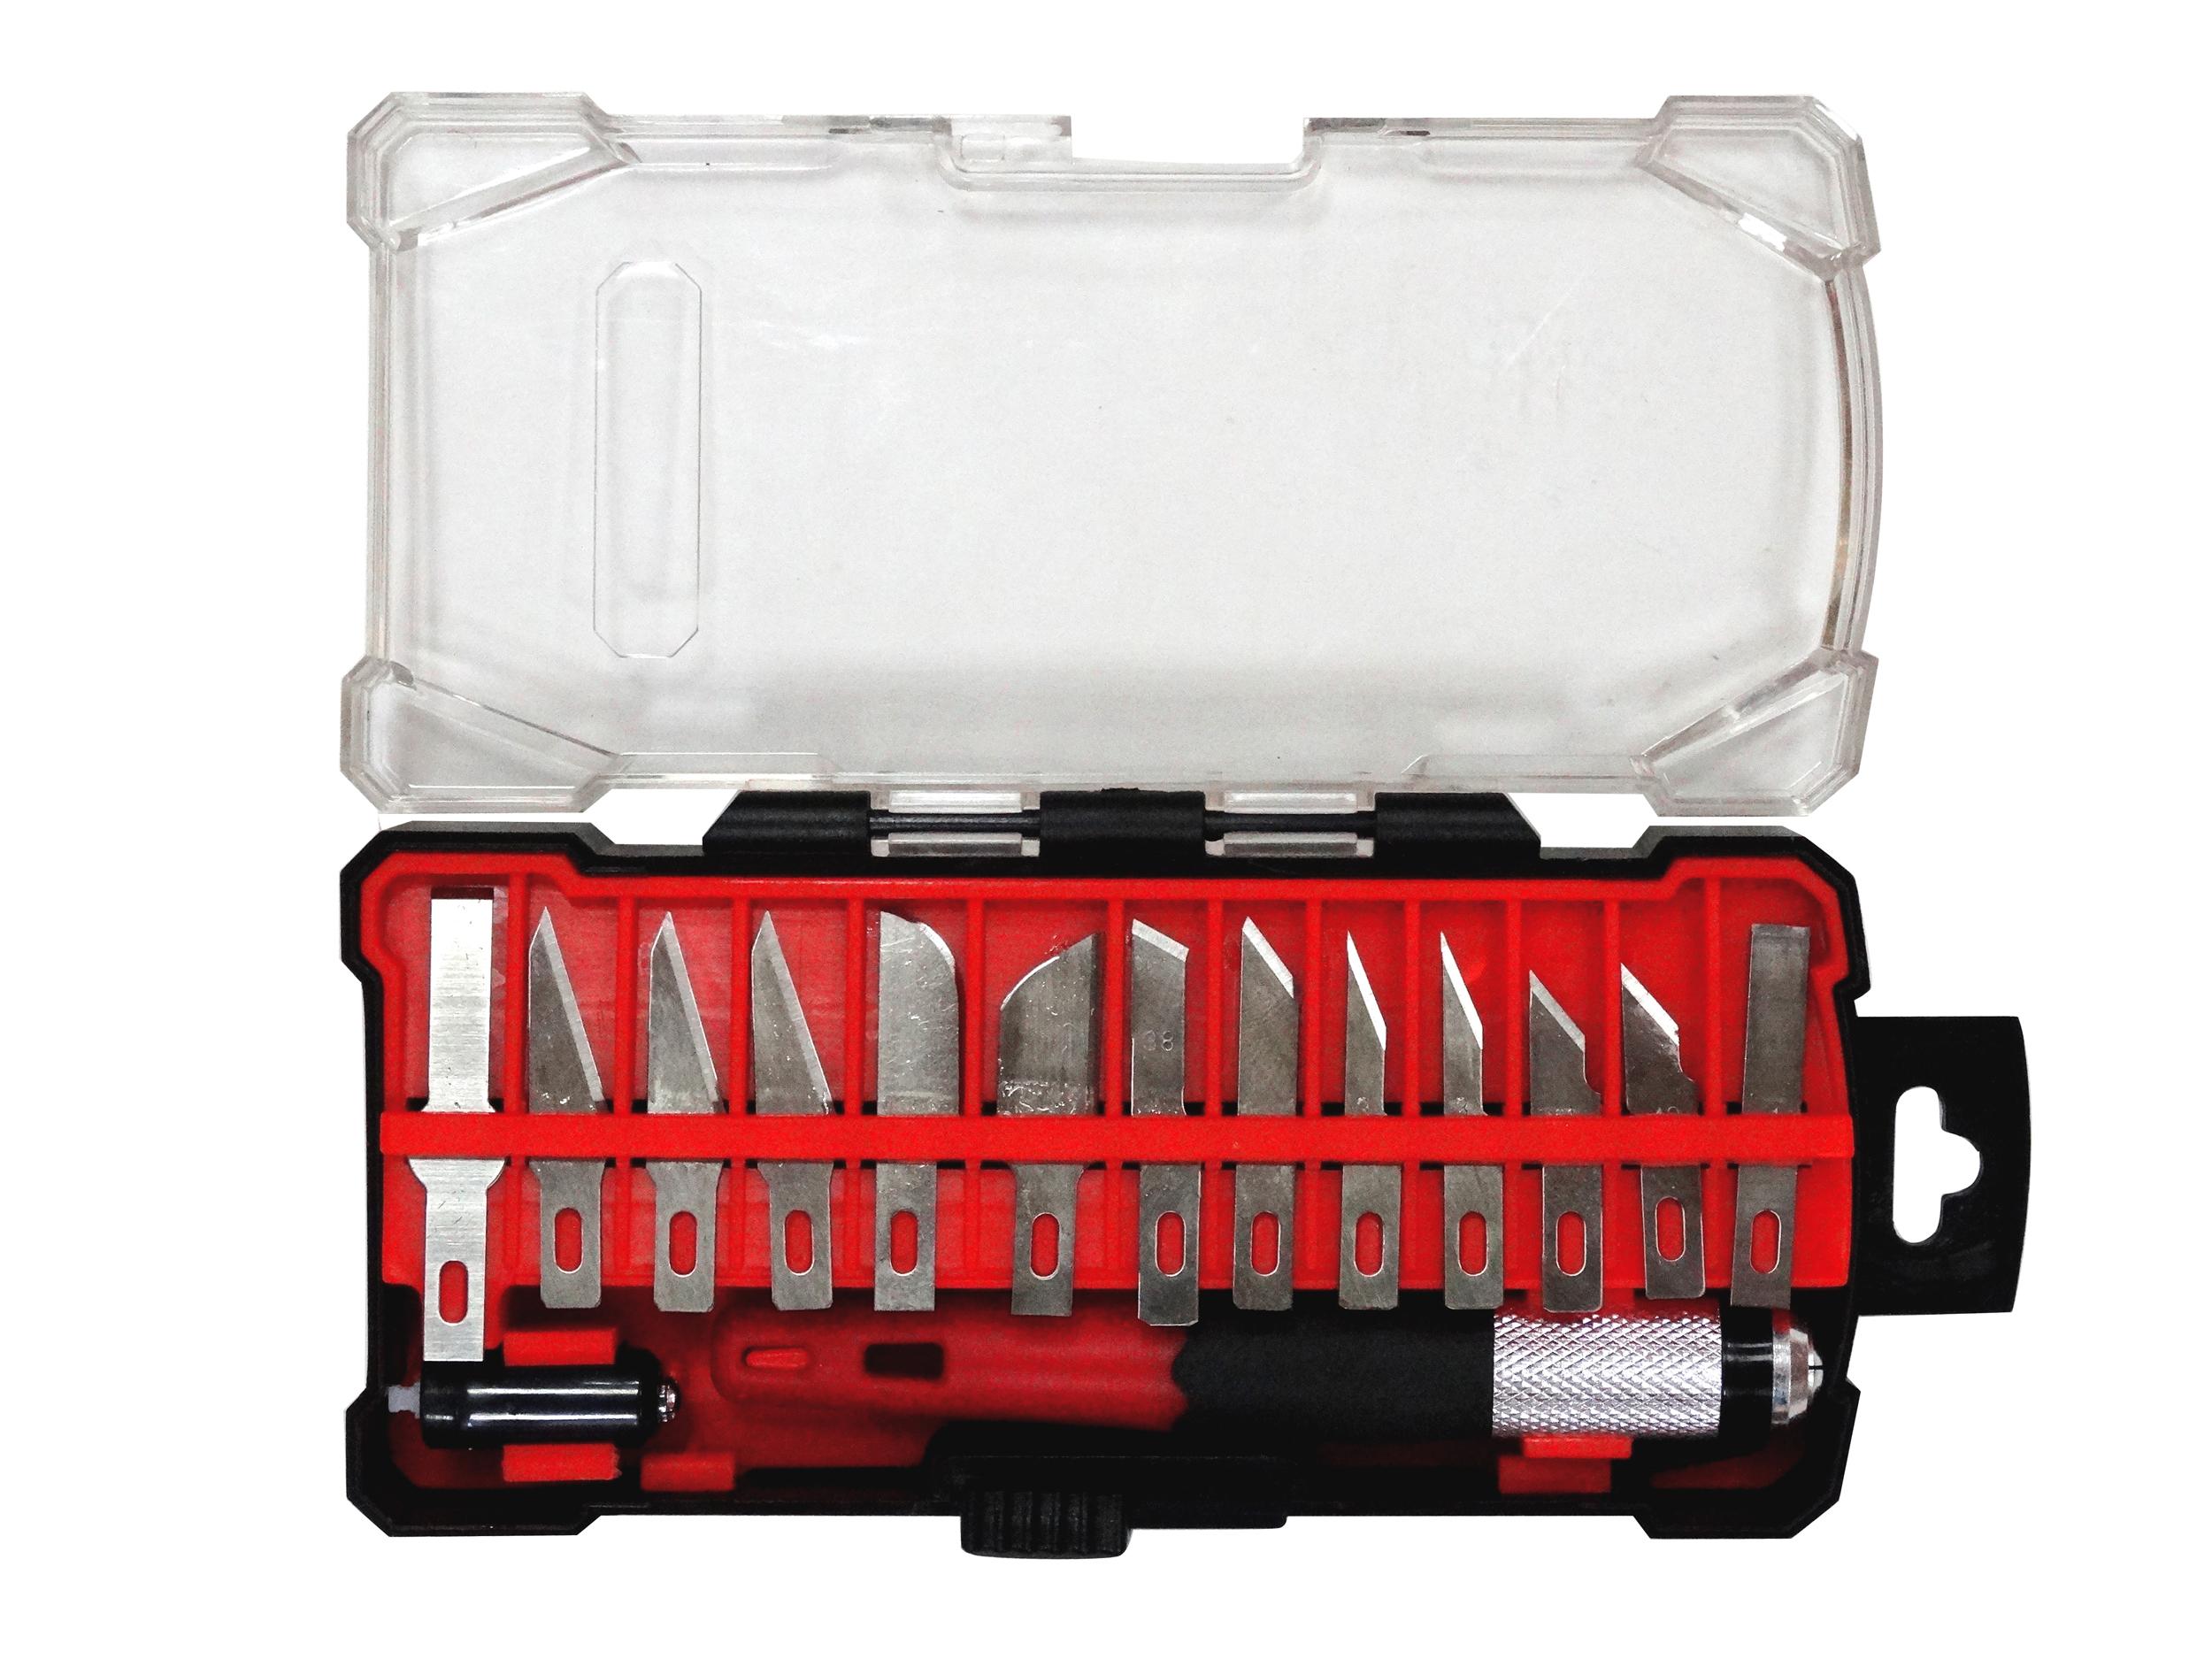 Лезвие для ножа Vira 831108 нож stanley для поделочных работ